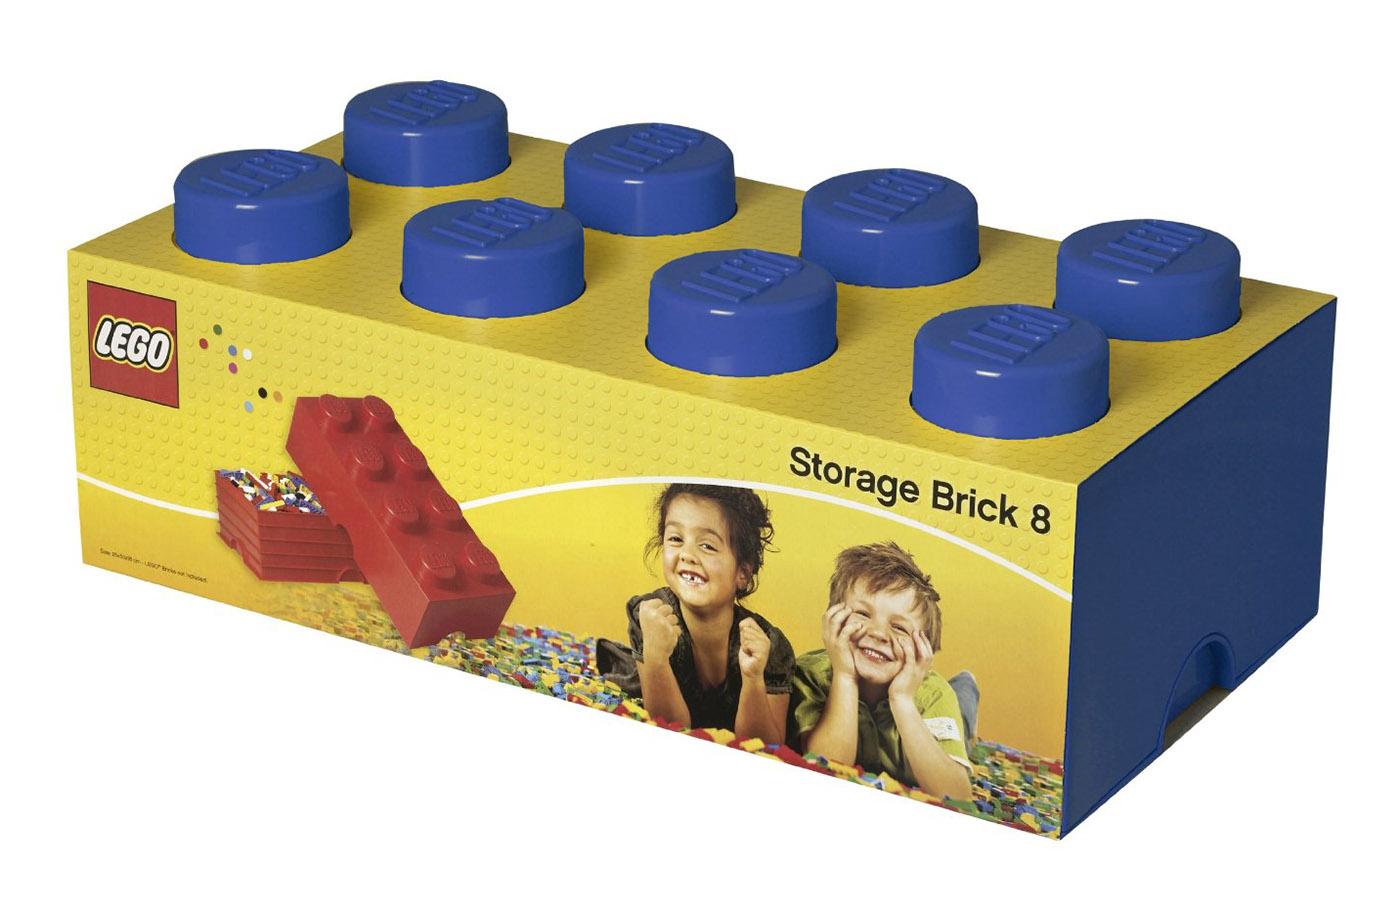 Lego rangement 40041731 pas cher brique de rangement - Brique de rangement lego ...